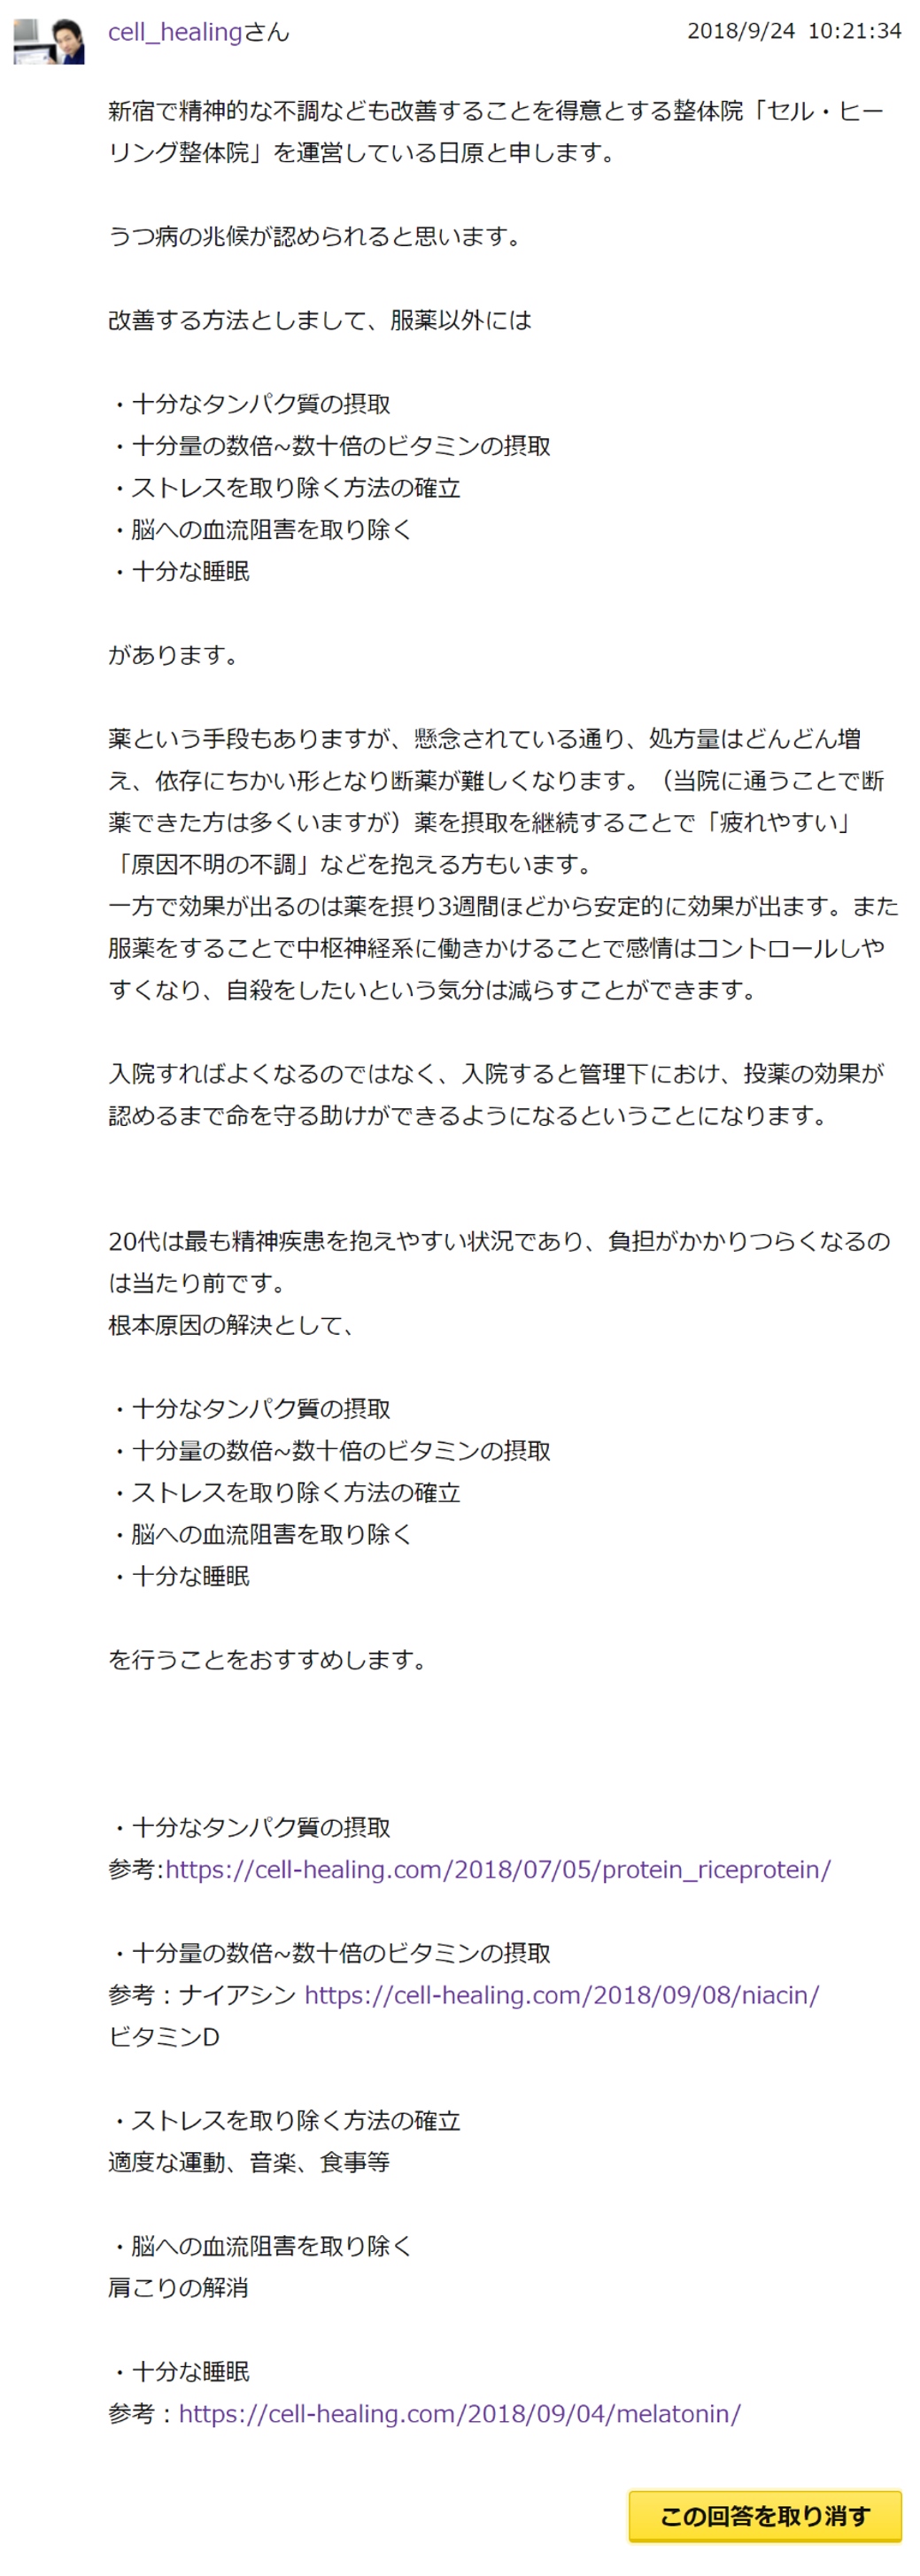 chiebukuro_5A